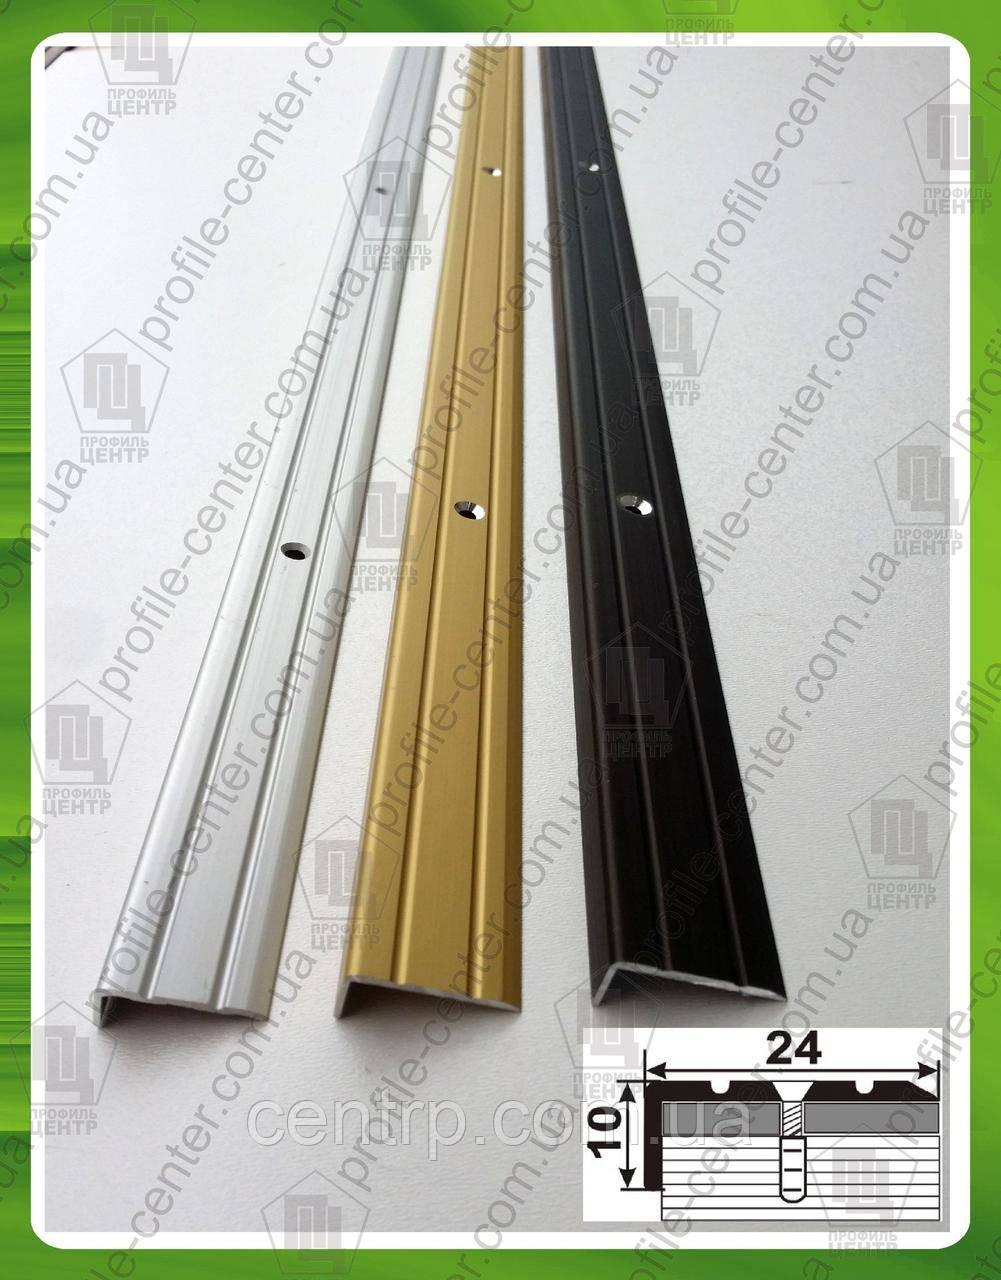 Угловой алюминиевый порожек 24*10. УЛ 120 анод